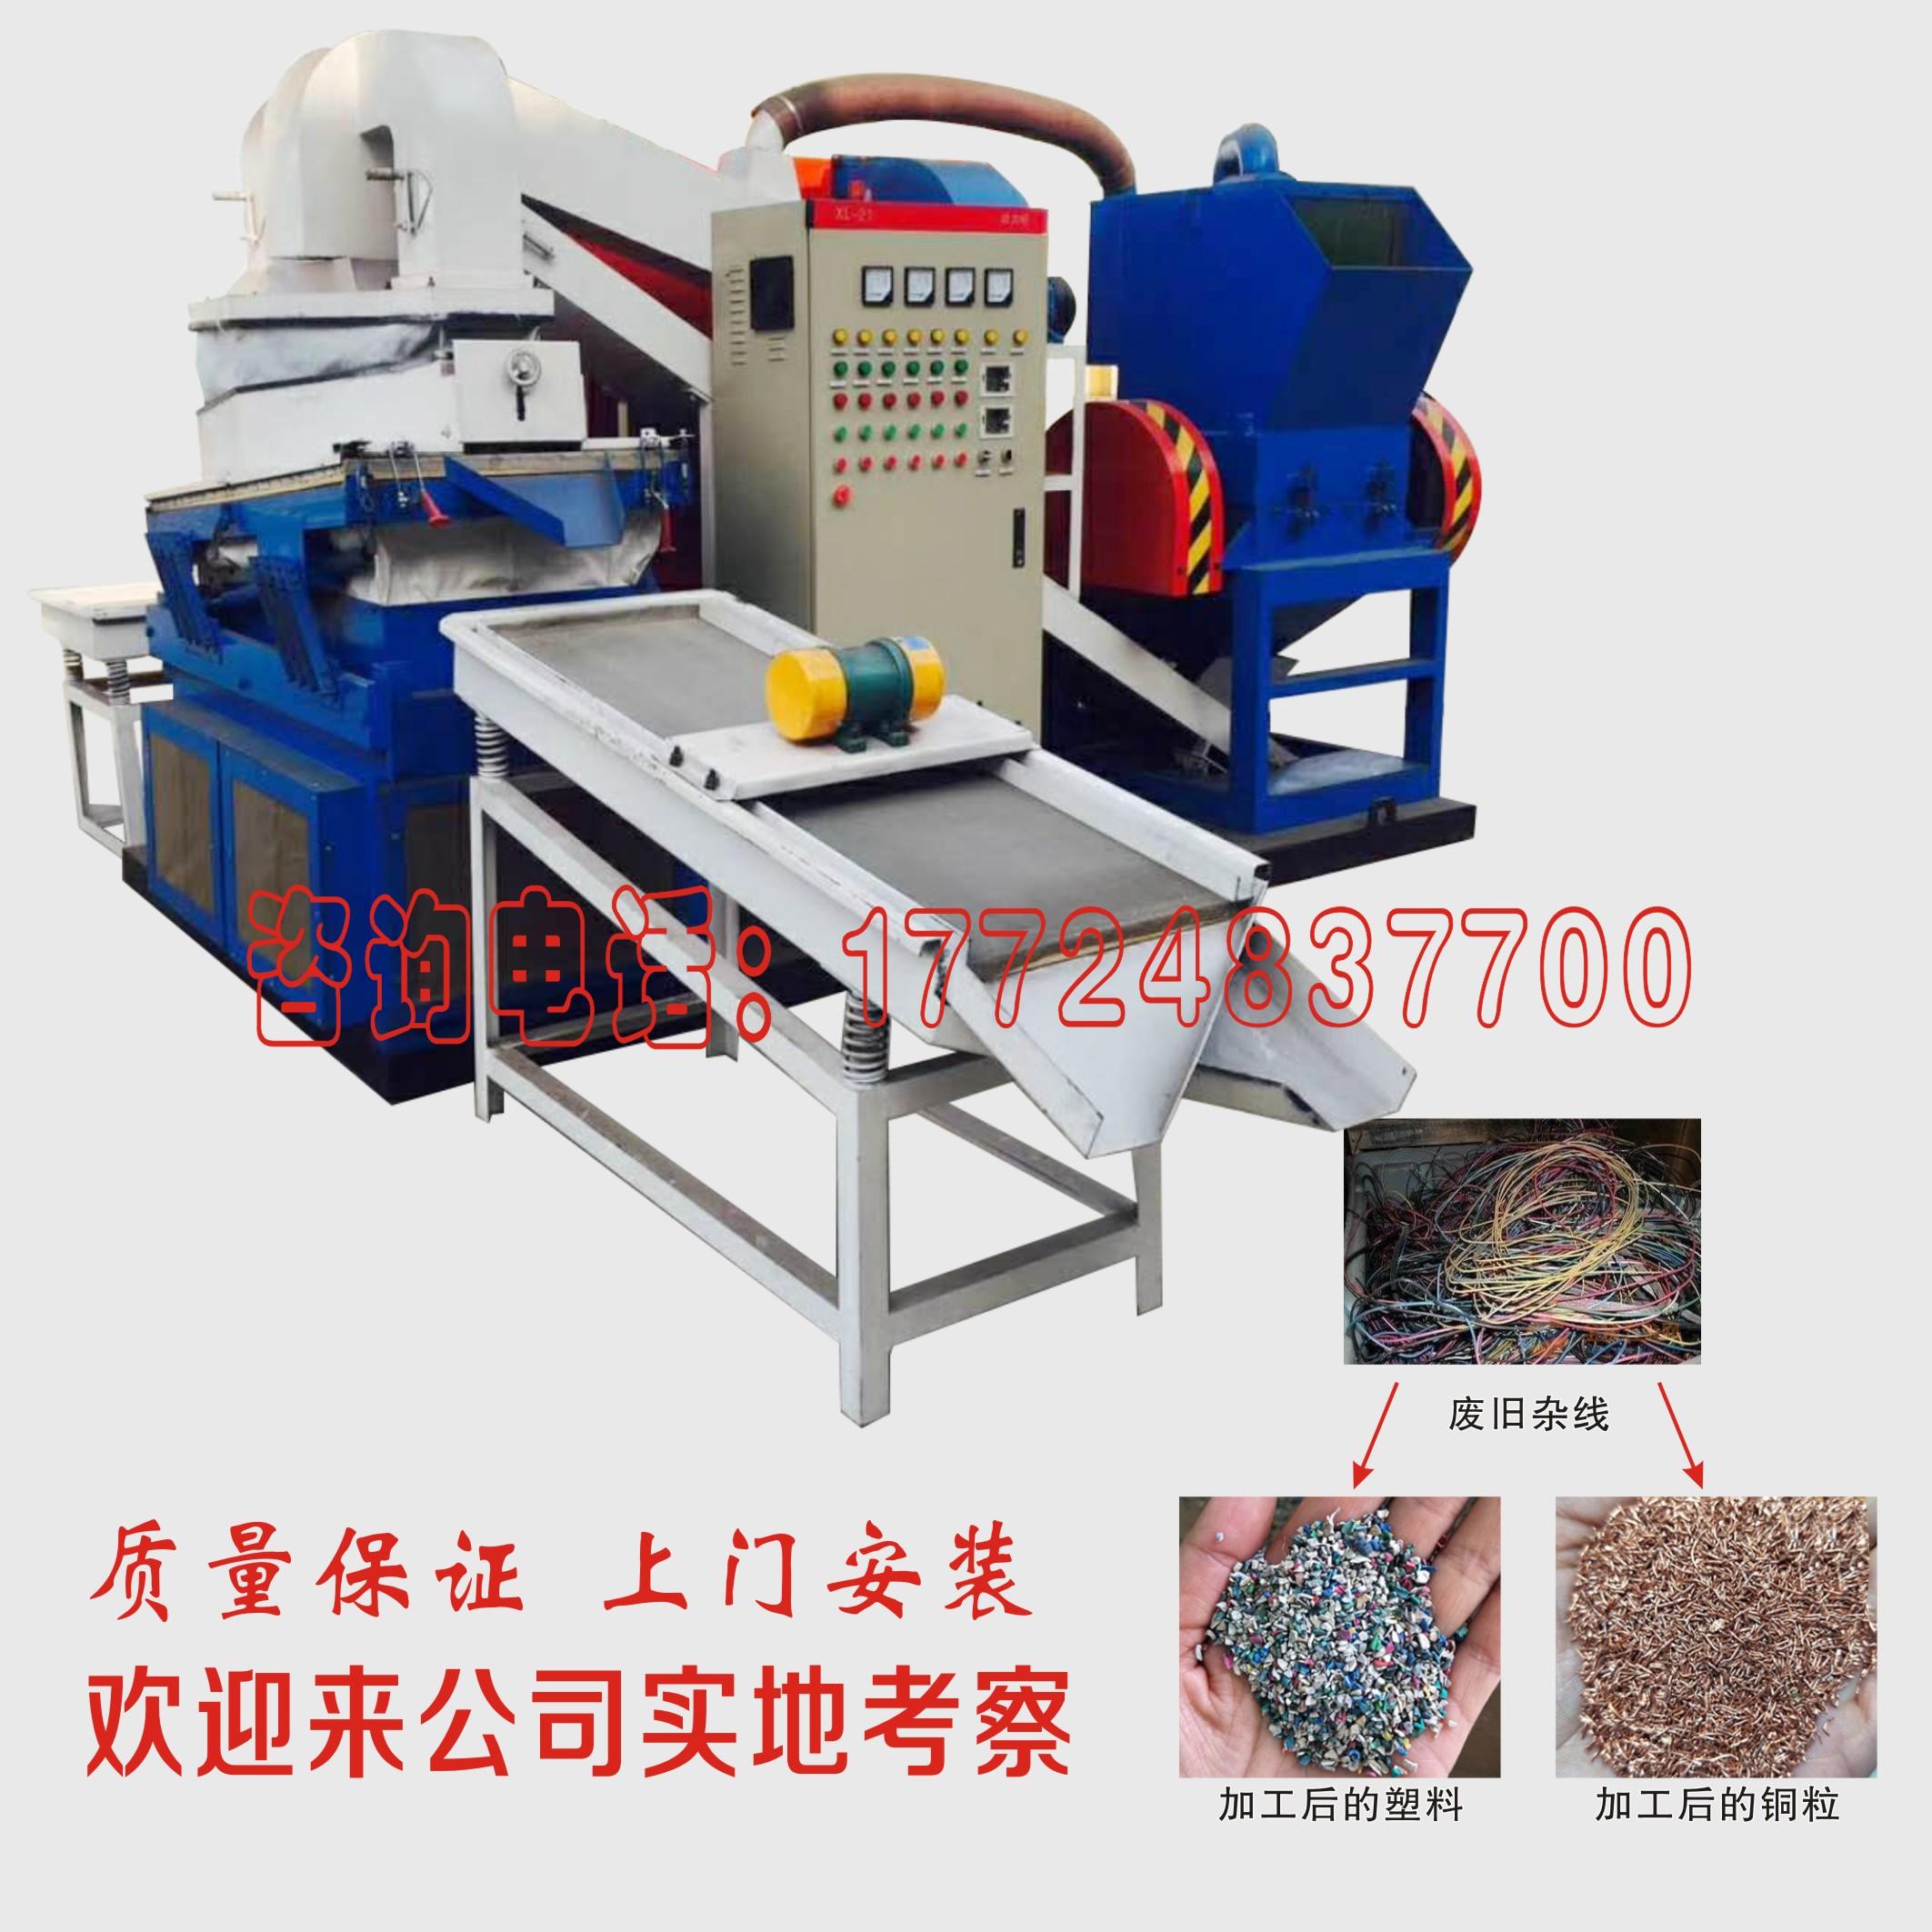 浙江的新型节能环保小型铜米机在使用操作后不是很理想呢?